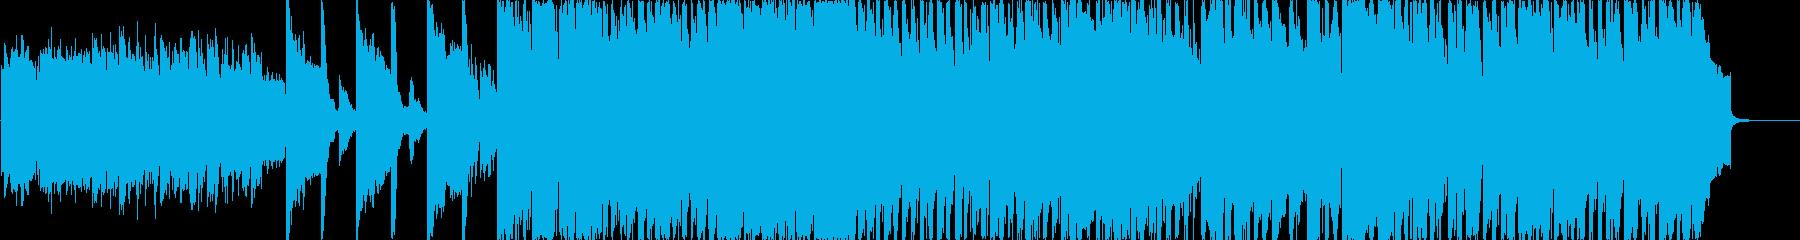 日本の城をイメージしたゲームミュージックの再生済みの波形